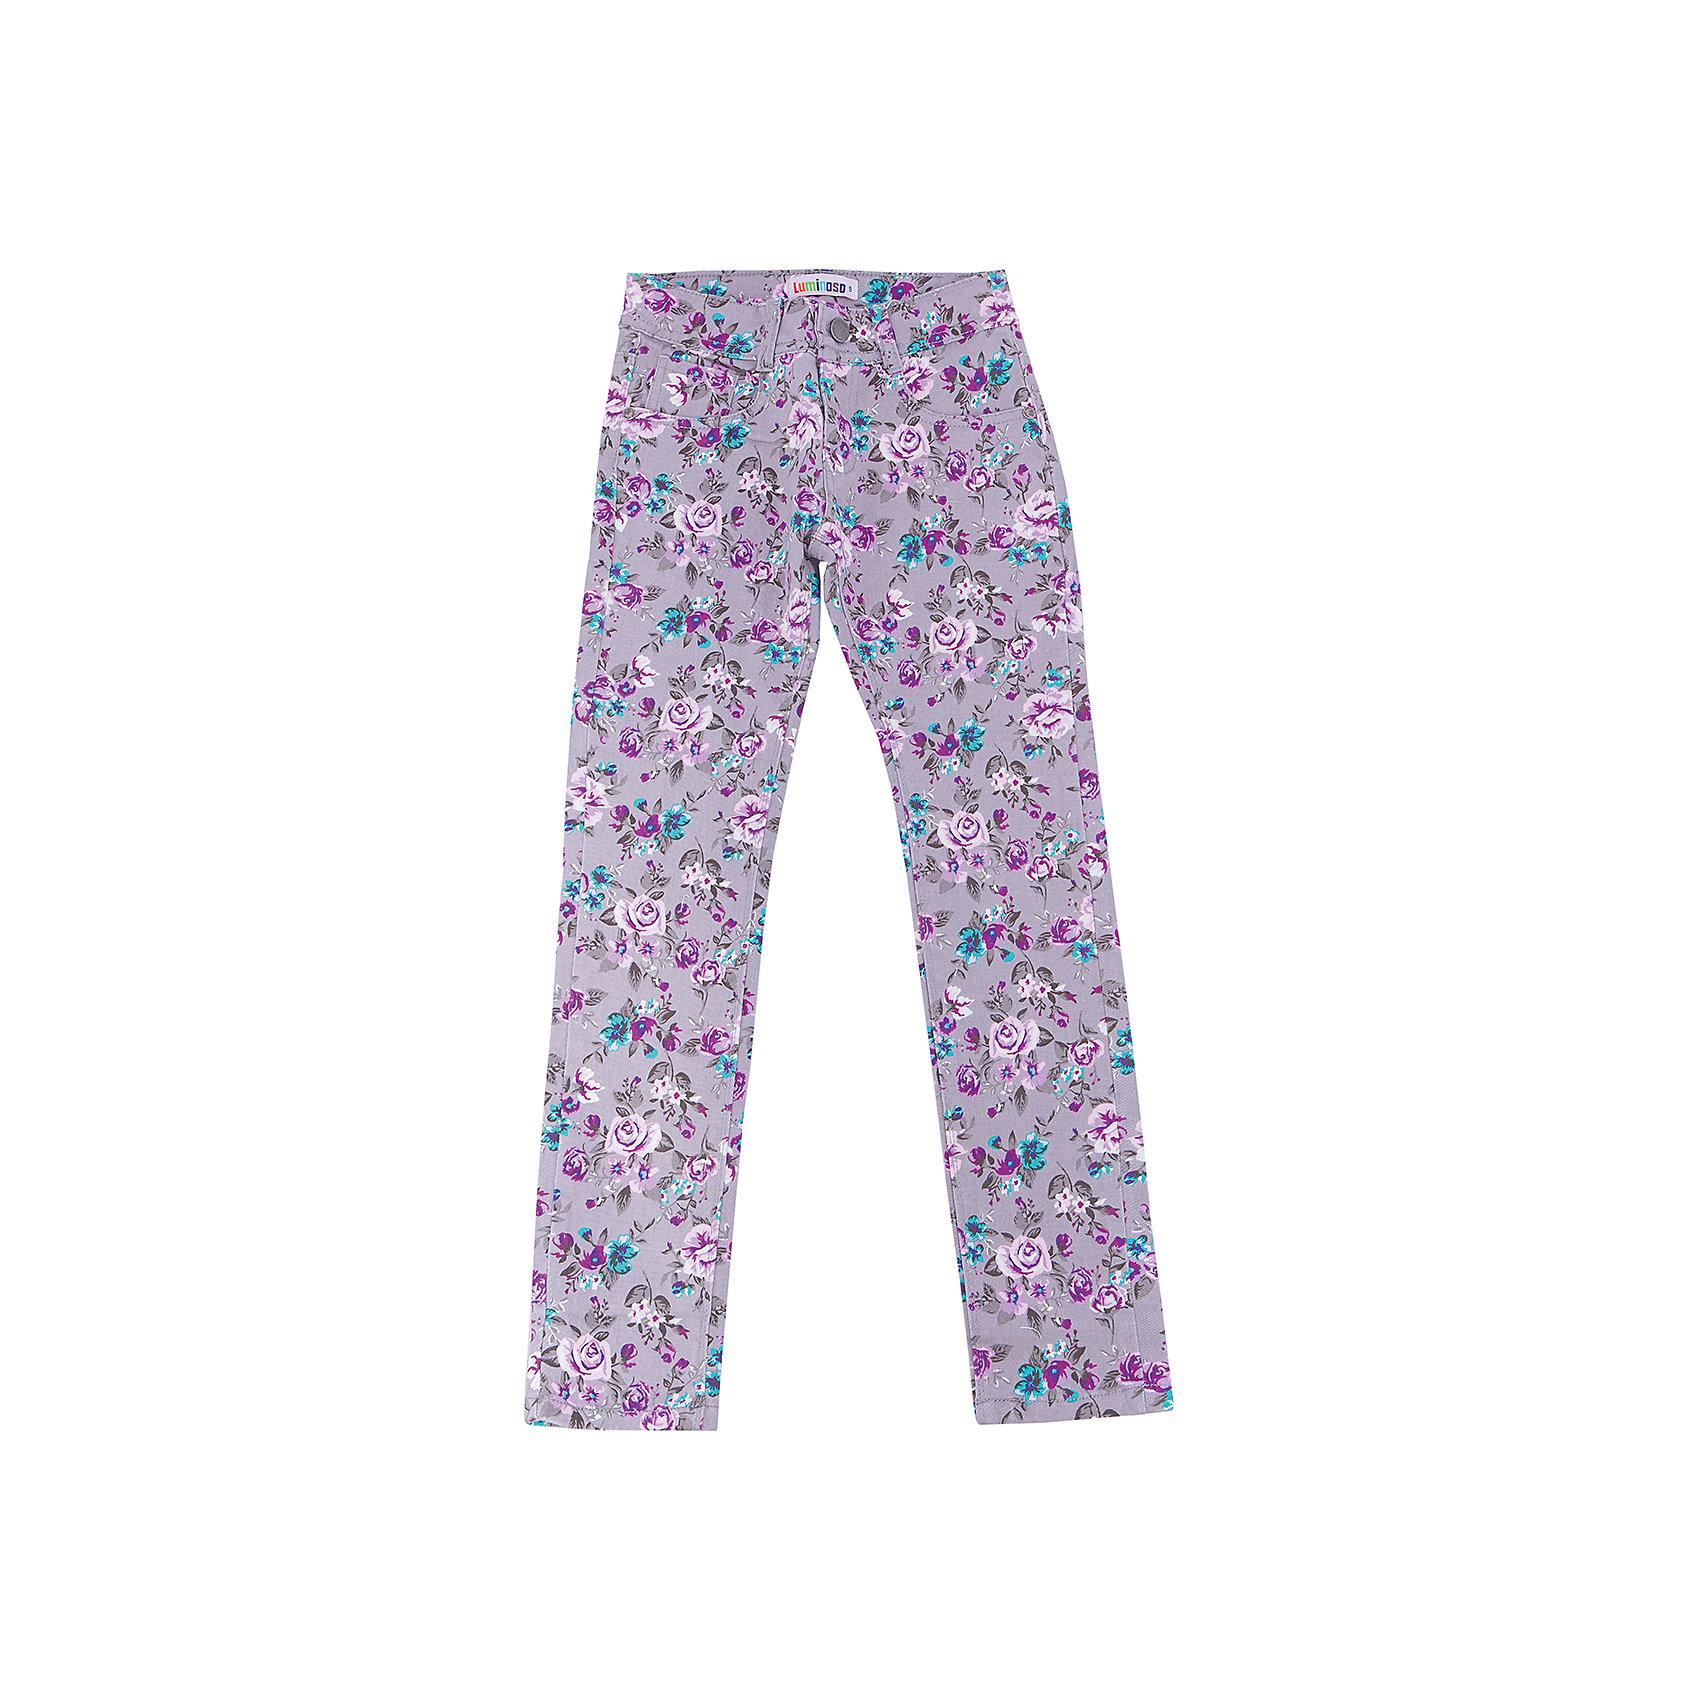 Брюки для девочки LuminosoХарактеристики товара:<br><br>- цвет: разноцветный;<br>- материал: 98% хлопок, 2% эластан;<br>- эластичный твил;<br>- застежка: пуговица и молния;<br>- пояс регулируется внутренней резинкой на пуговицах;<br>- шлевки для ремня.<br><br>Стильная одежда от бренда Luminoso (Люминосо), созданная при участии итальянских дизайнеров, учитывает потребности подростков и последние веяния моды. Она удобная и модная.<br>Эти брюки выглядят стильно и нарядно, но при этом подходят для ежедневного ношения. Они хорошо сидят на ребенке, обеспечивают комфорт и отлично сочетаются с одежной разных стилей. Модель отличается высоким качеством материала и продуманным дизайном. Натуральный хлопок в составе изделия делает его дышащим, приятным на ощупь и гипоаллергеным.<br><br>Брюки для девочки от бренда Luminoso (Люминосо) можно купить в нашем интернет-магазине.<br><br>Ширина мм: 215<br>Глубина мм: 88<br>Высота мм: 191<br>Вес г: 336<br>Цвет: серый<br>Возраст от месяцев: 96<br>Возраст до месяцев: 108<br>Пол: Женский<br>Возраст: Детский<br>Размер: 134,140,146,152,158,164<br>SKU: 4929528